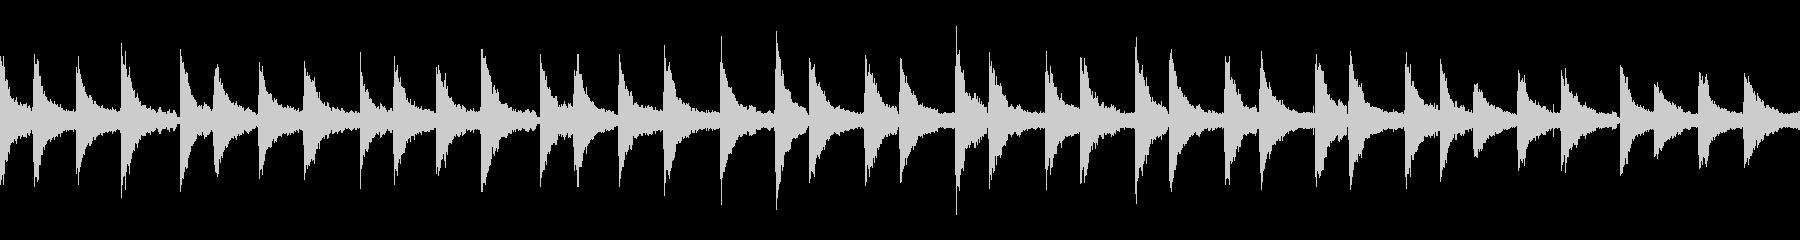 piano loop ピアノループ の未再生の波形